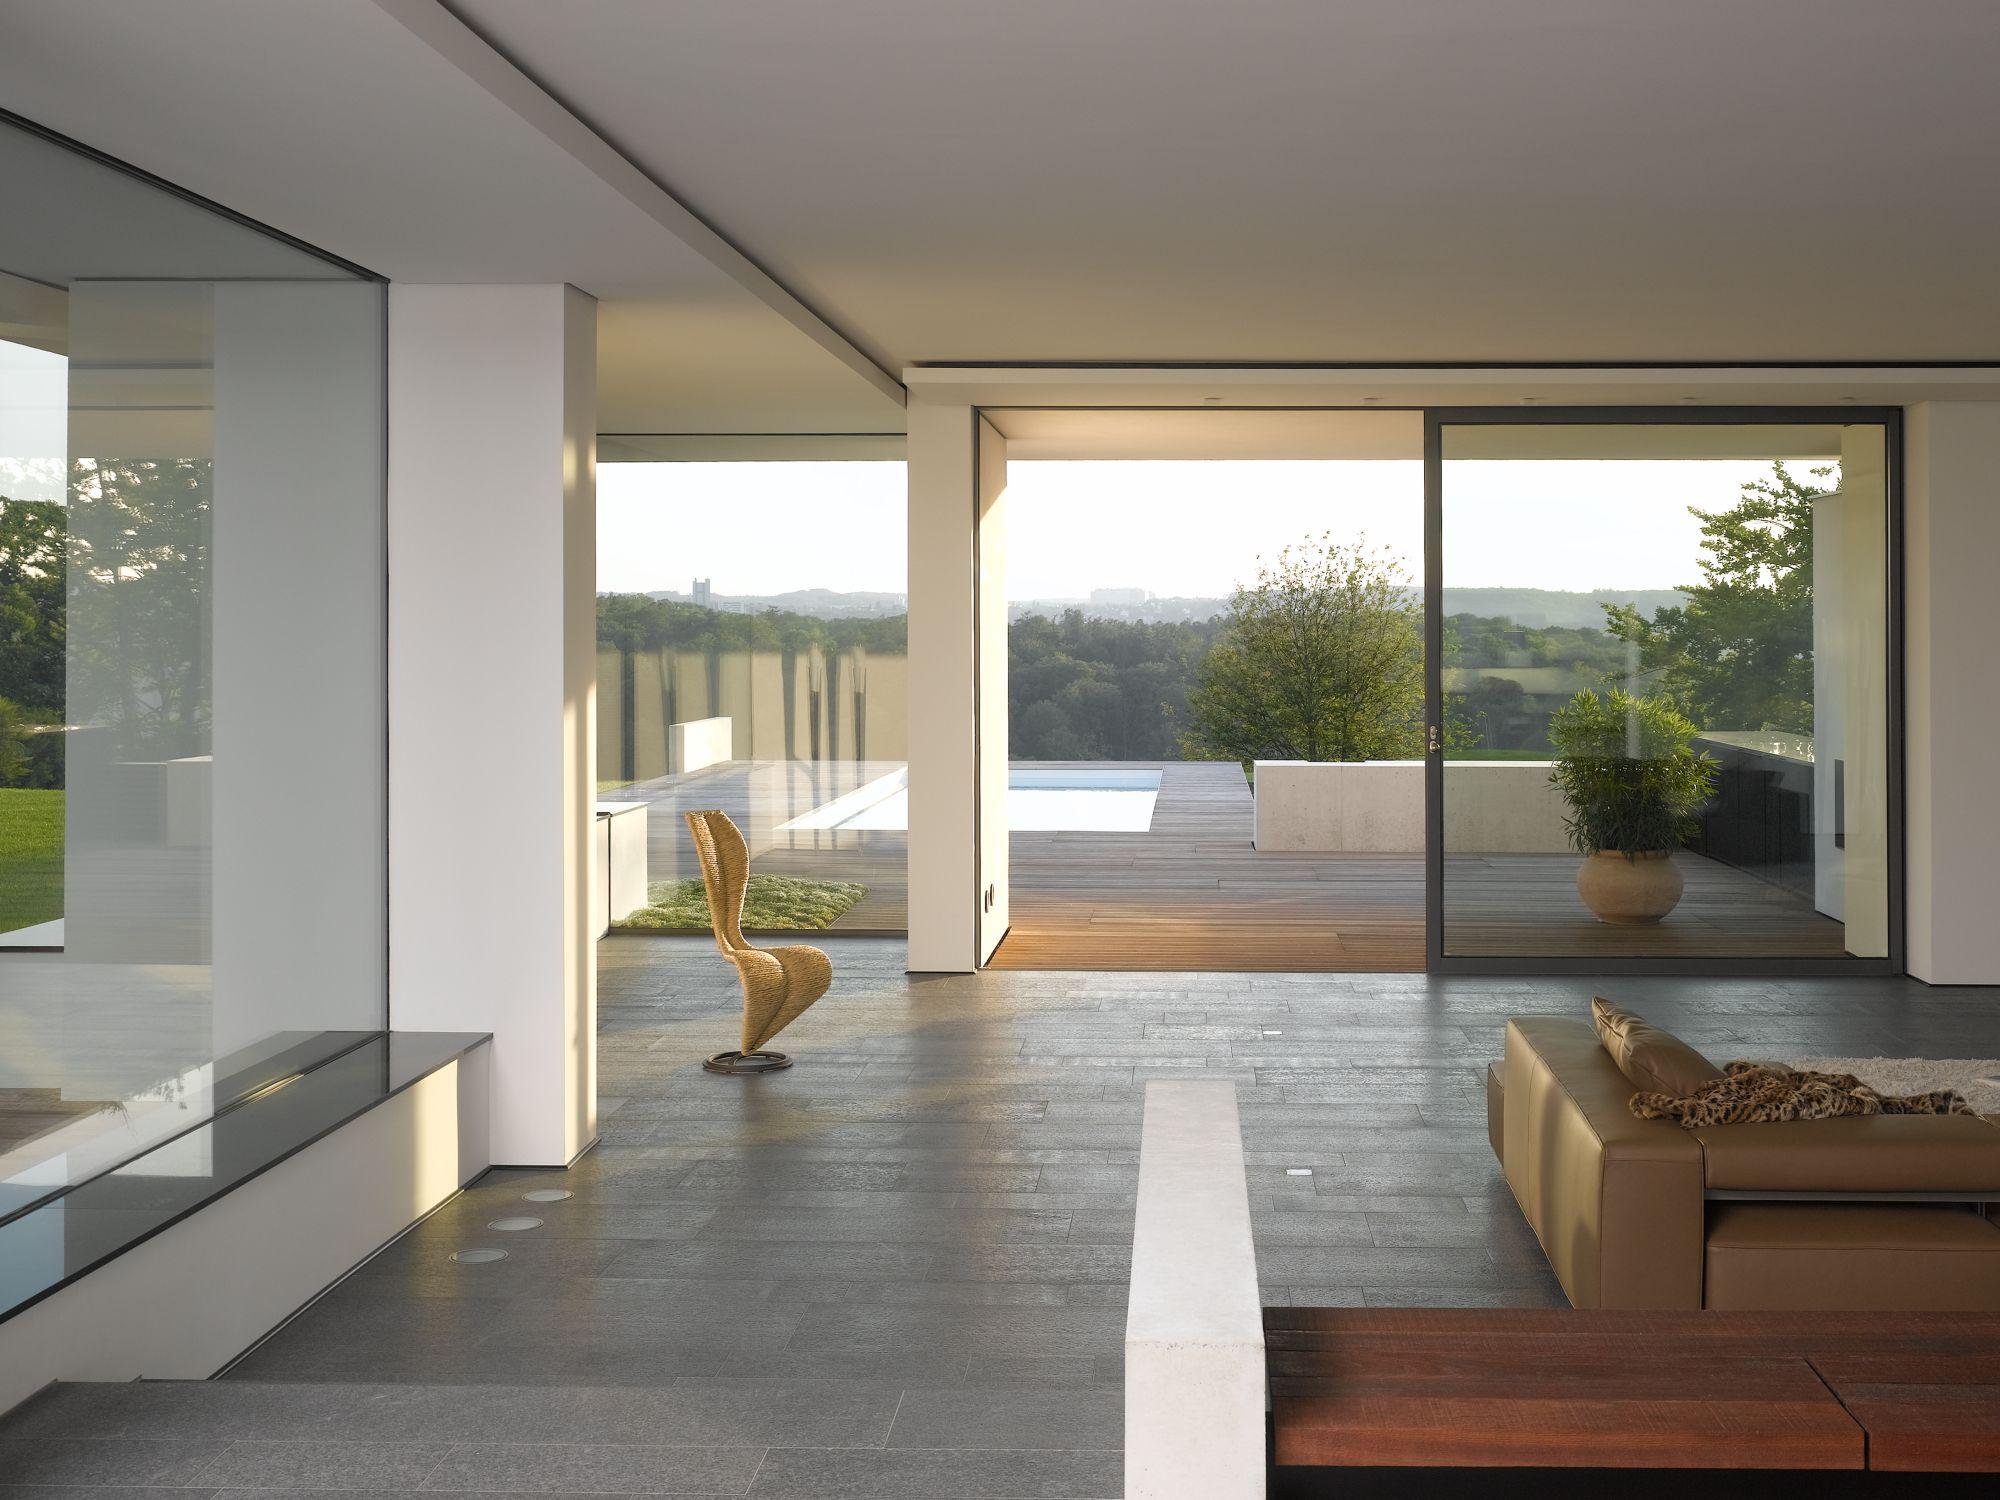 Stilpunkte-Blog: Wohnzimmer mit Blick in die Natur, Haus am oberen Berg, Alexander Brenner, Foto: Zooey Braun